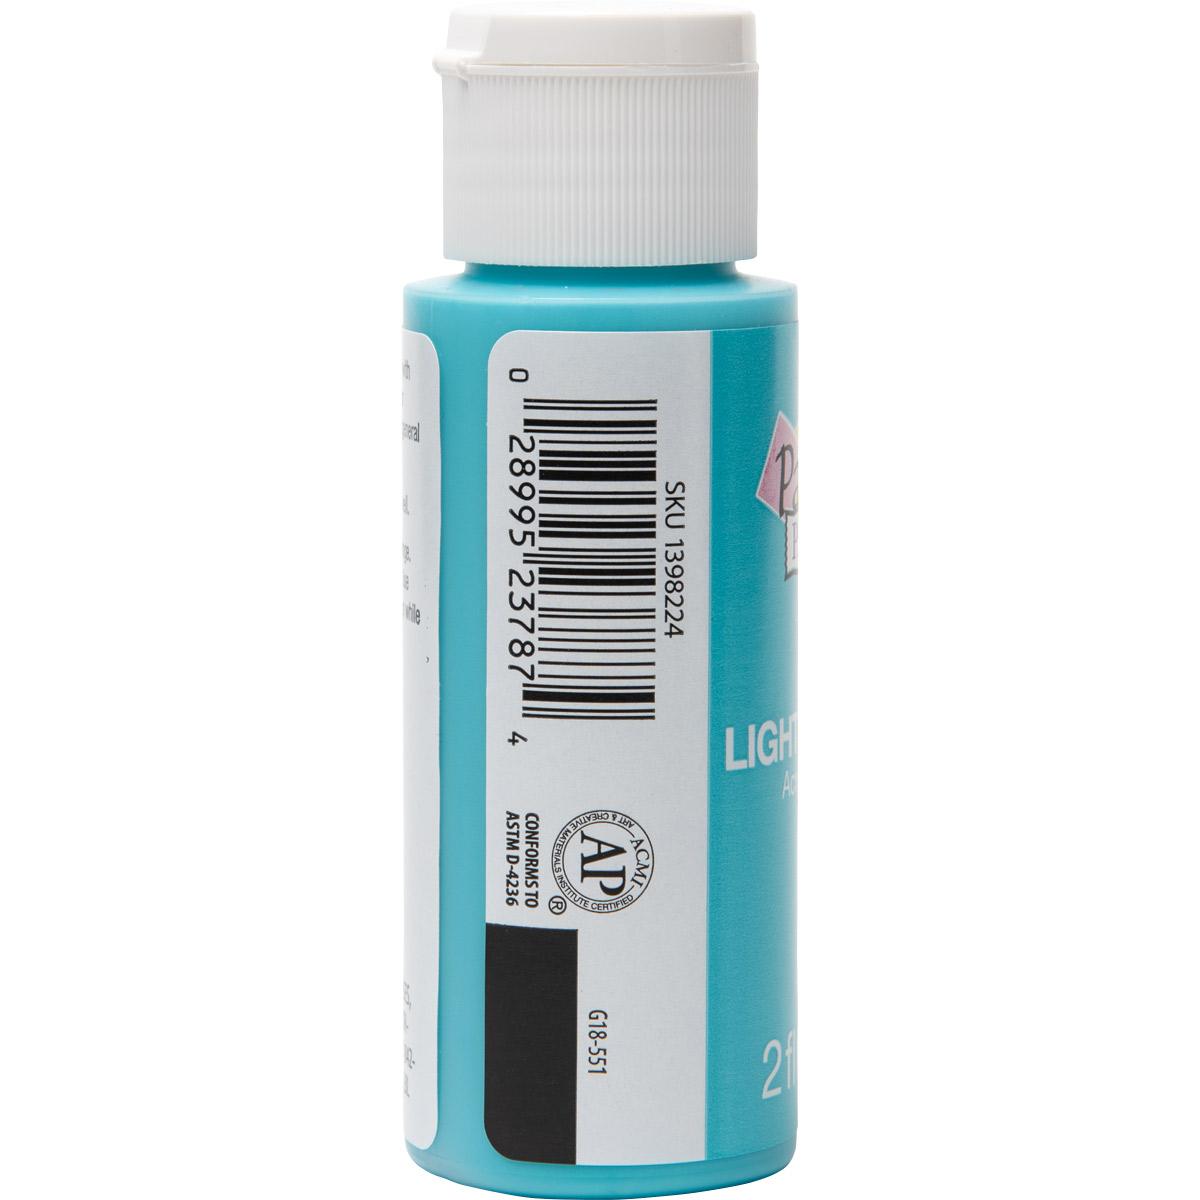 Plaid ® Painter's Palette™ Acrylic Paint - Light Turquoise, 2 oz.